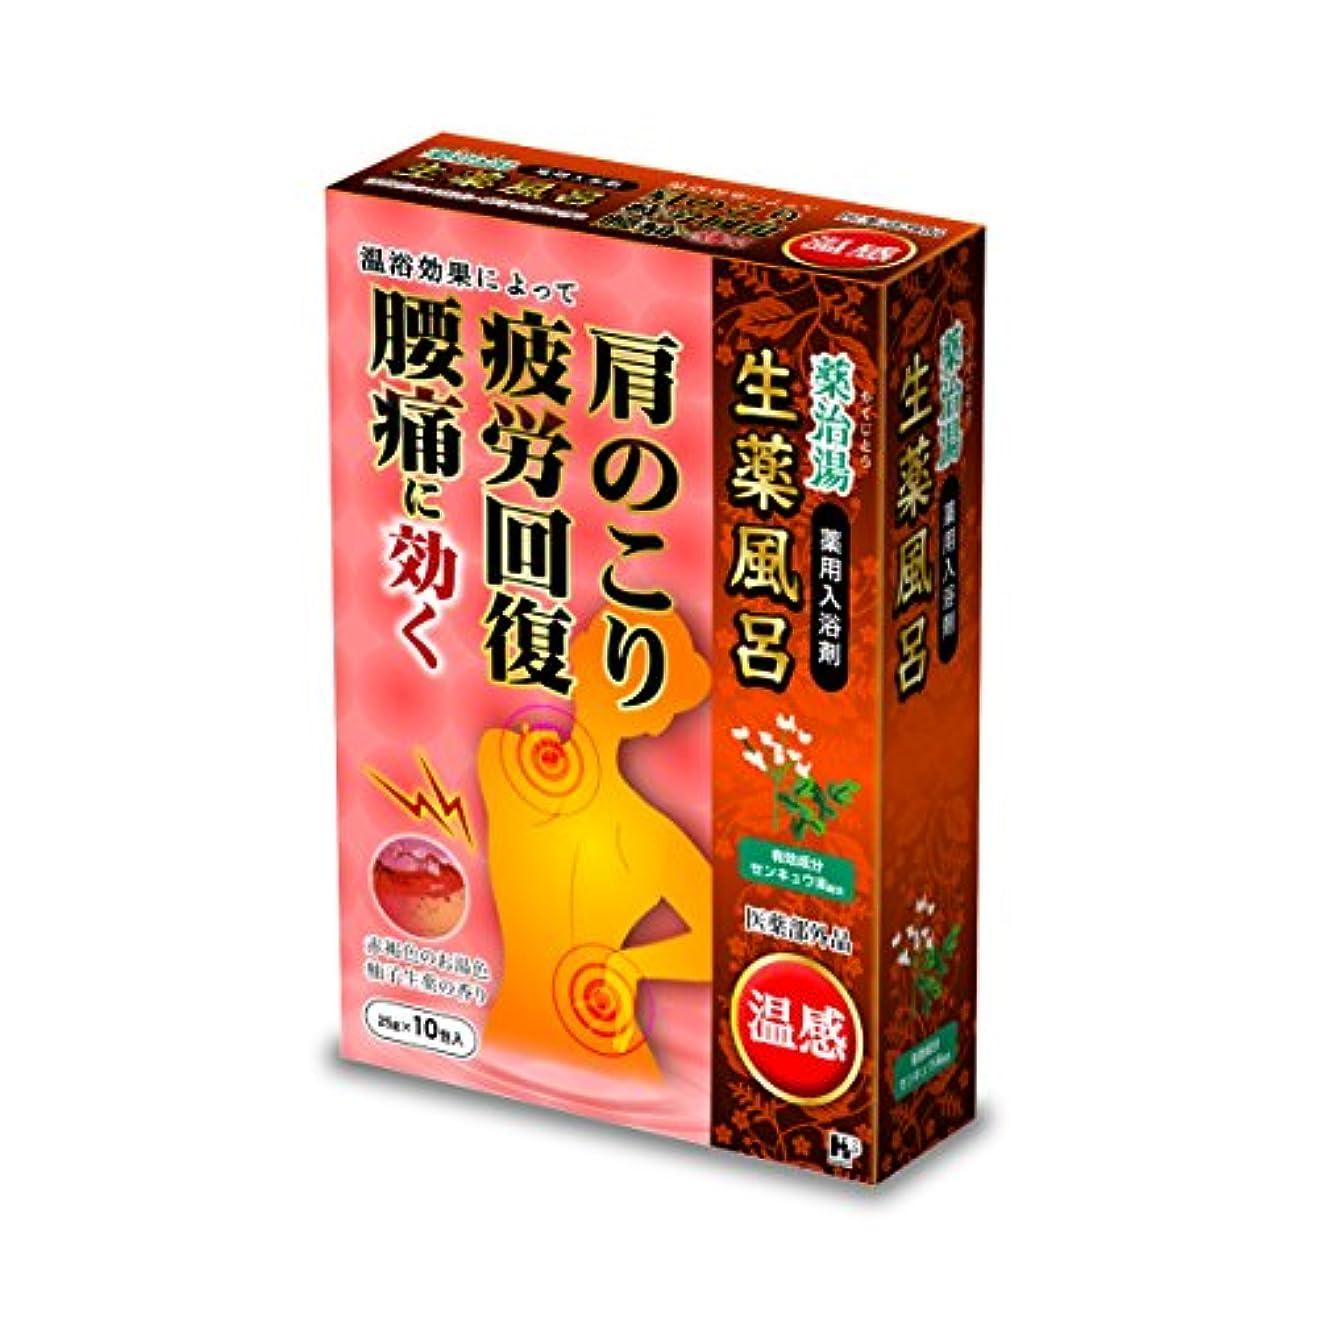 画面フォーク消費者薬治湯温感 柚子生薬の香り